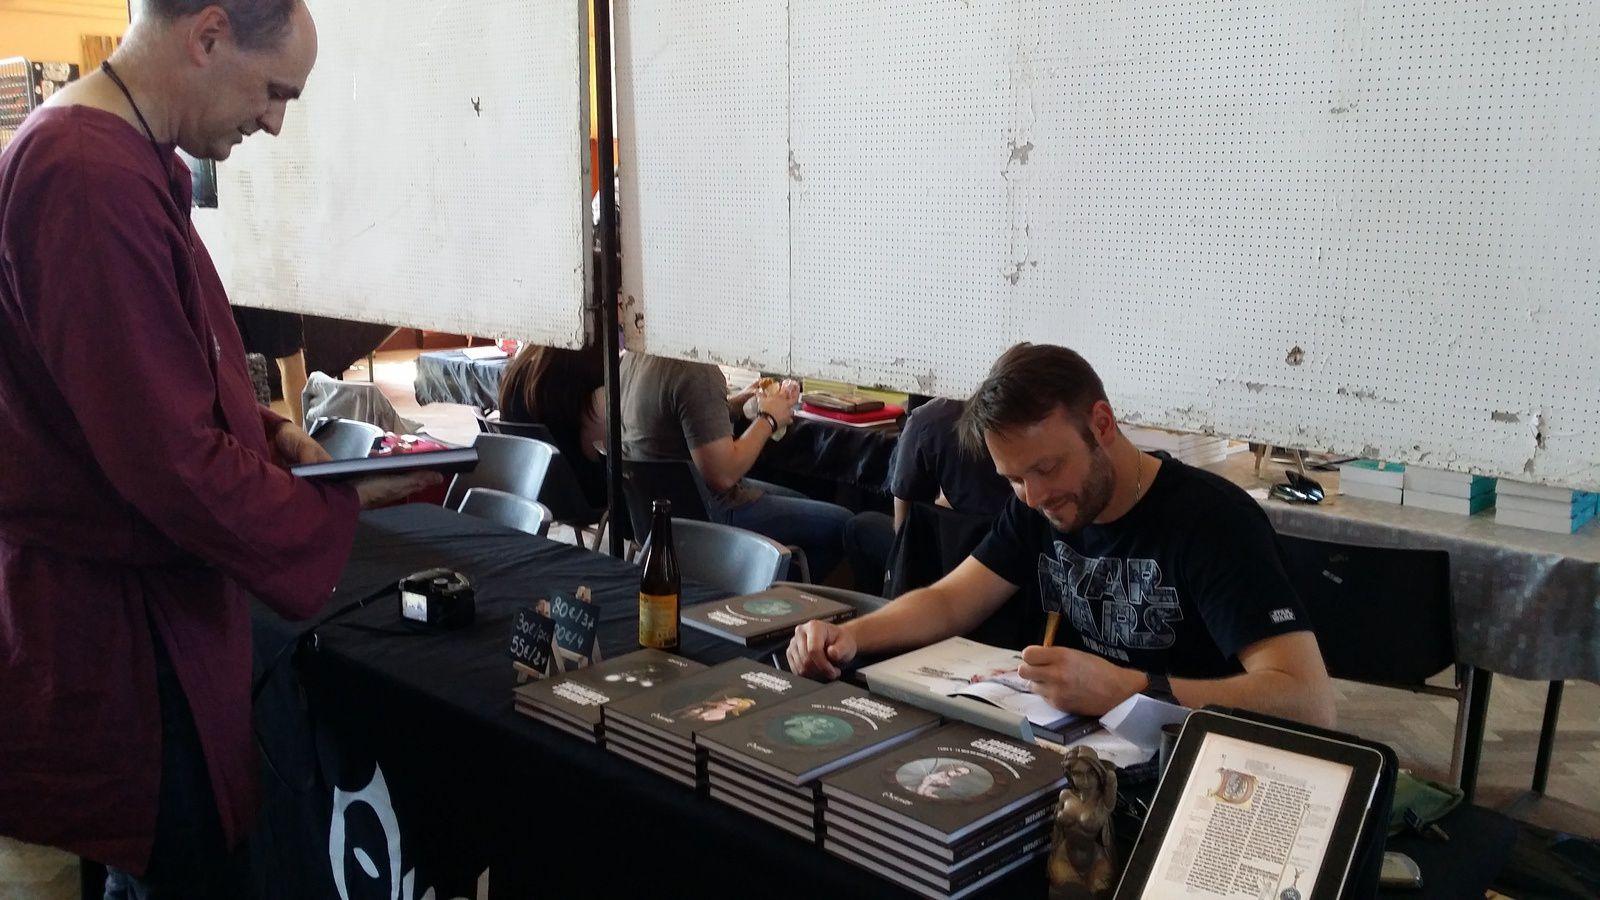 Salon littéraire Festiv'arts 2015 : compte-rendu.